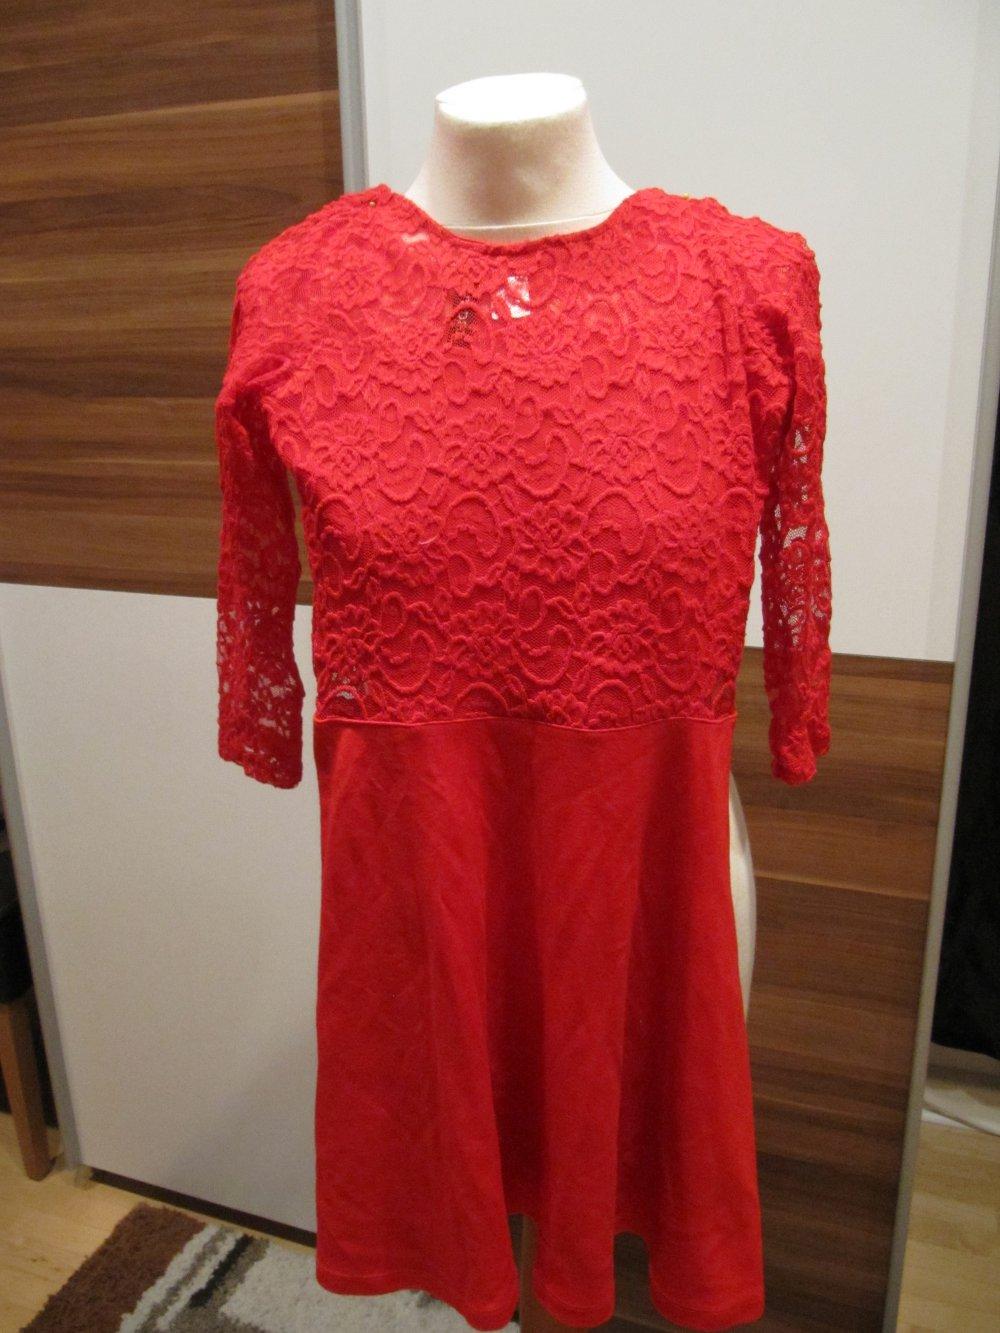 Kleid mit Spitze, rot, Größe 34, Divided H&M, 1mal ...